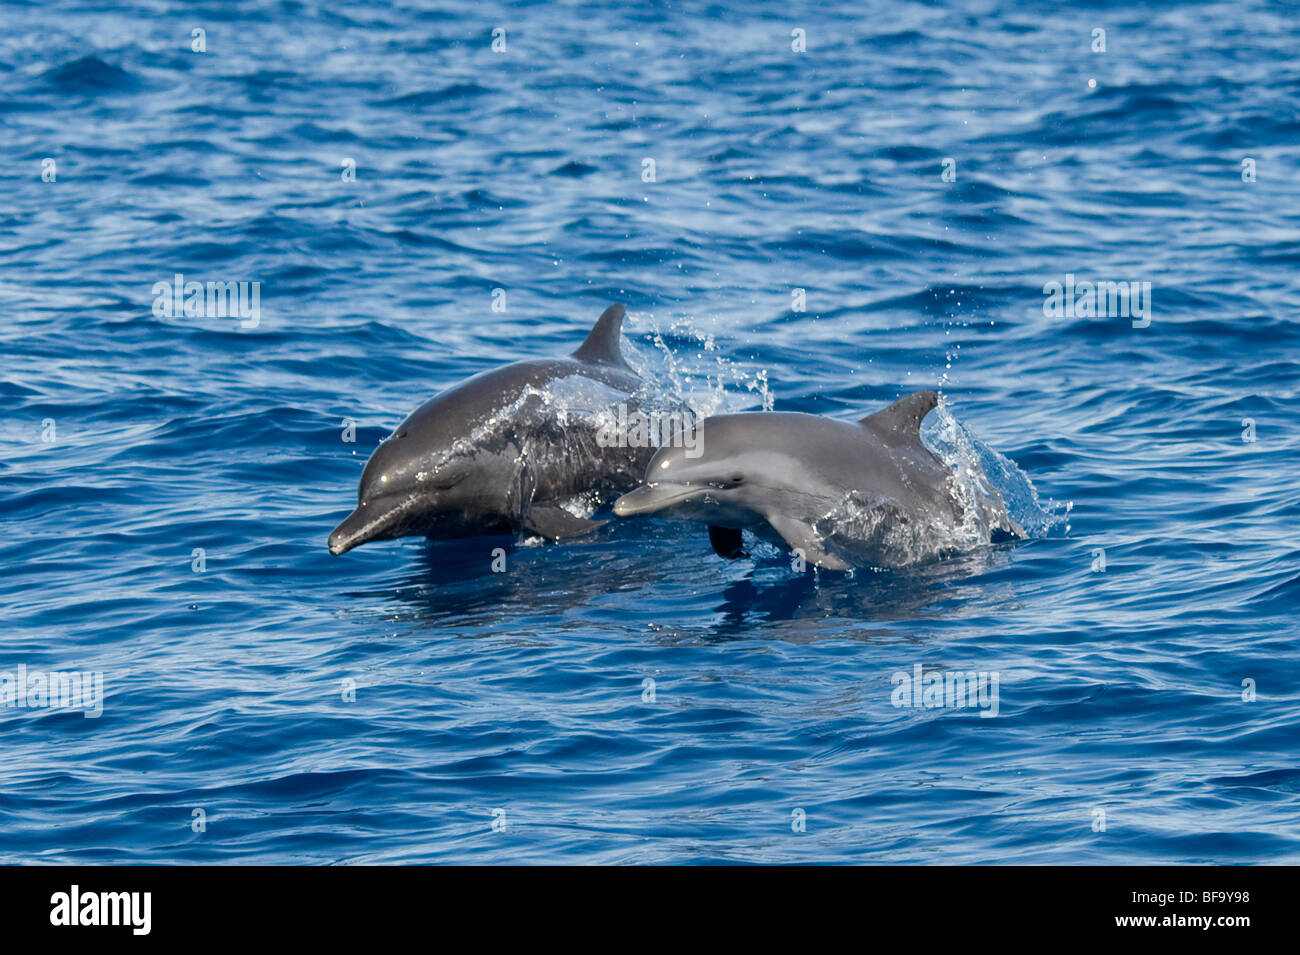 Inshore Pantropical Spotted Dolphin, Stenella attenuata graffmani, mother & calf porpoising, Costa Rica, Pacific - Stock Image